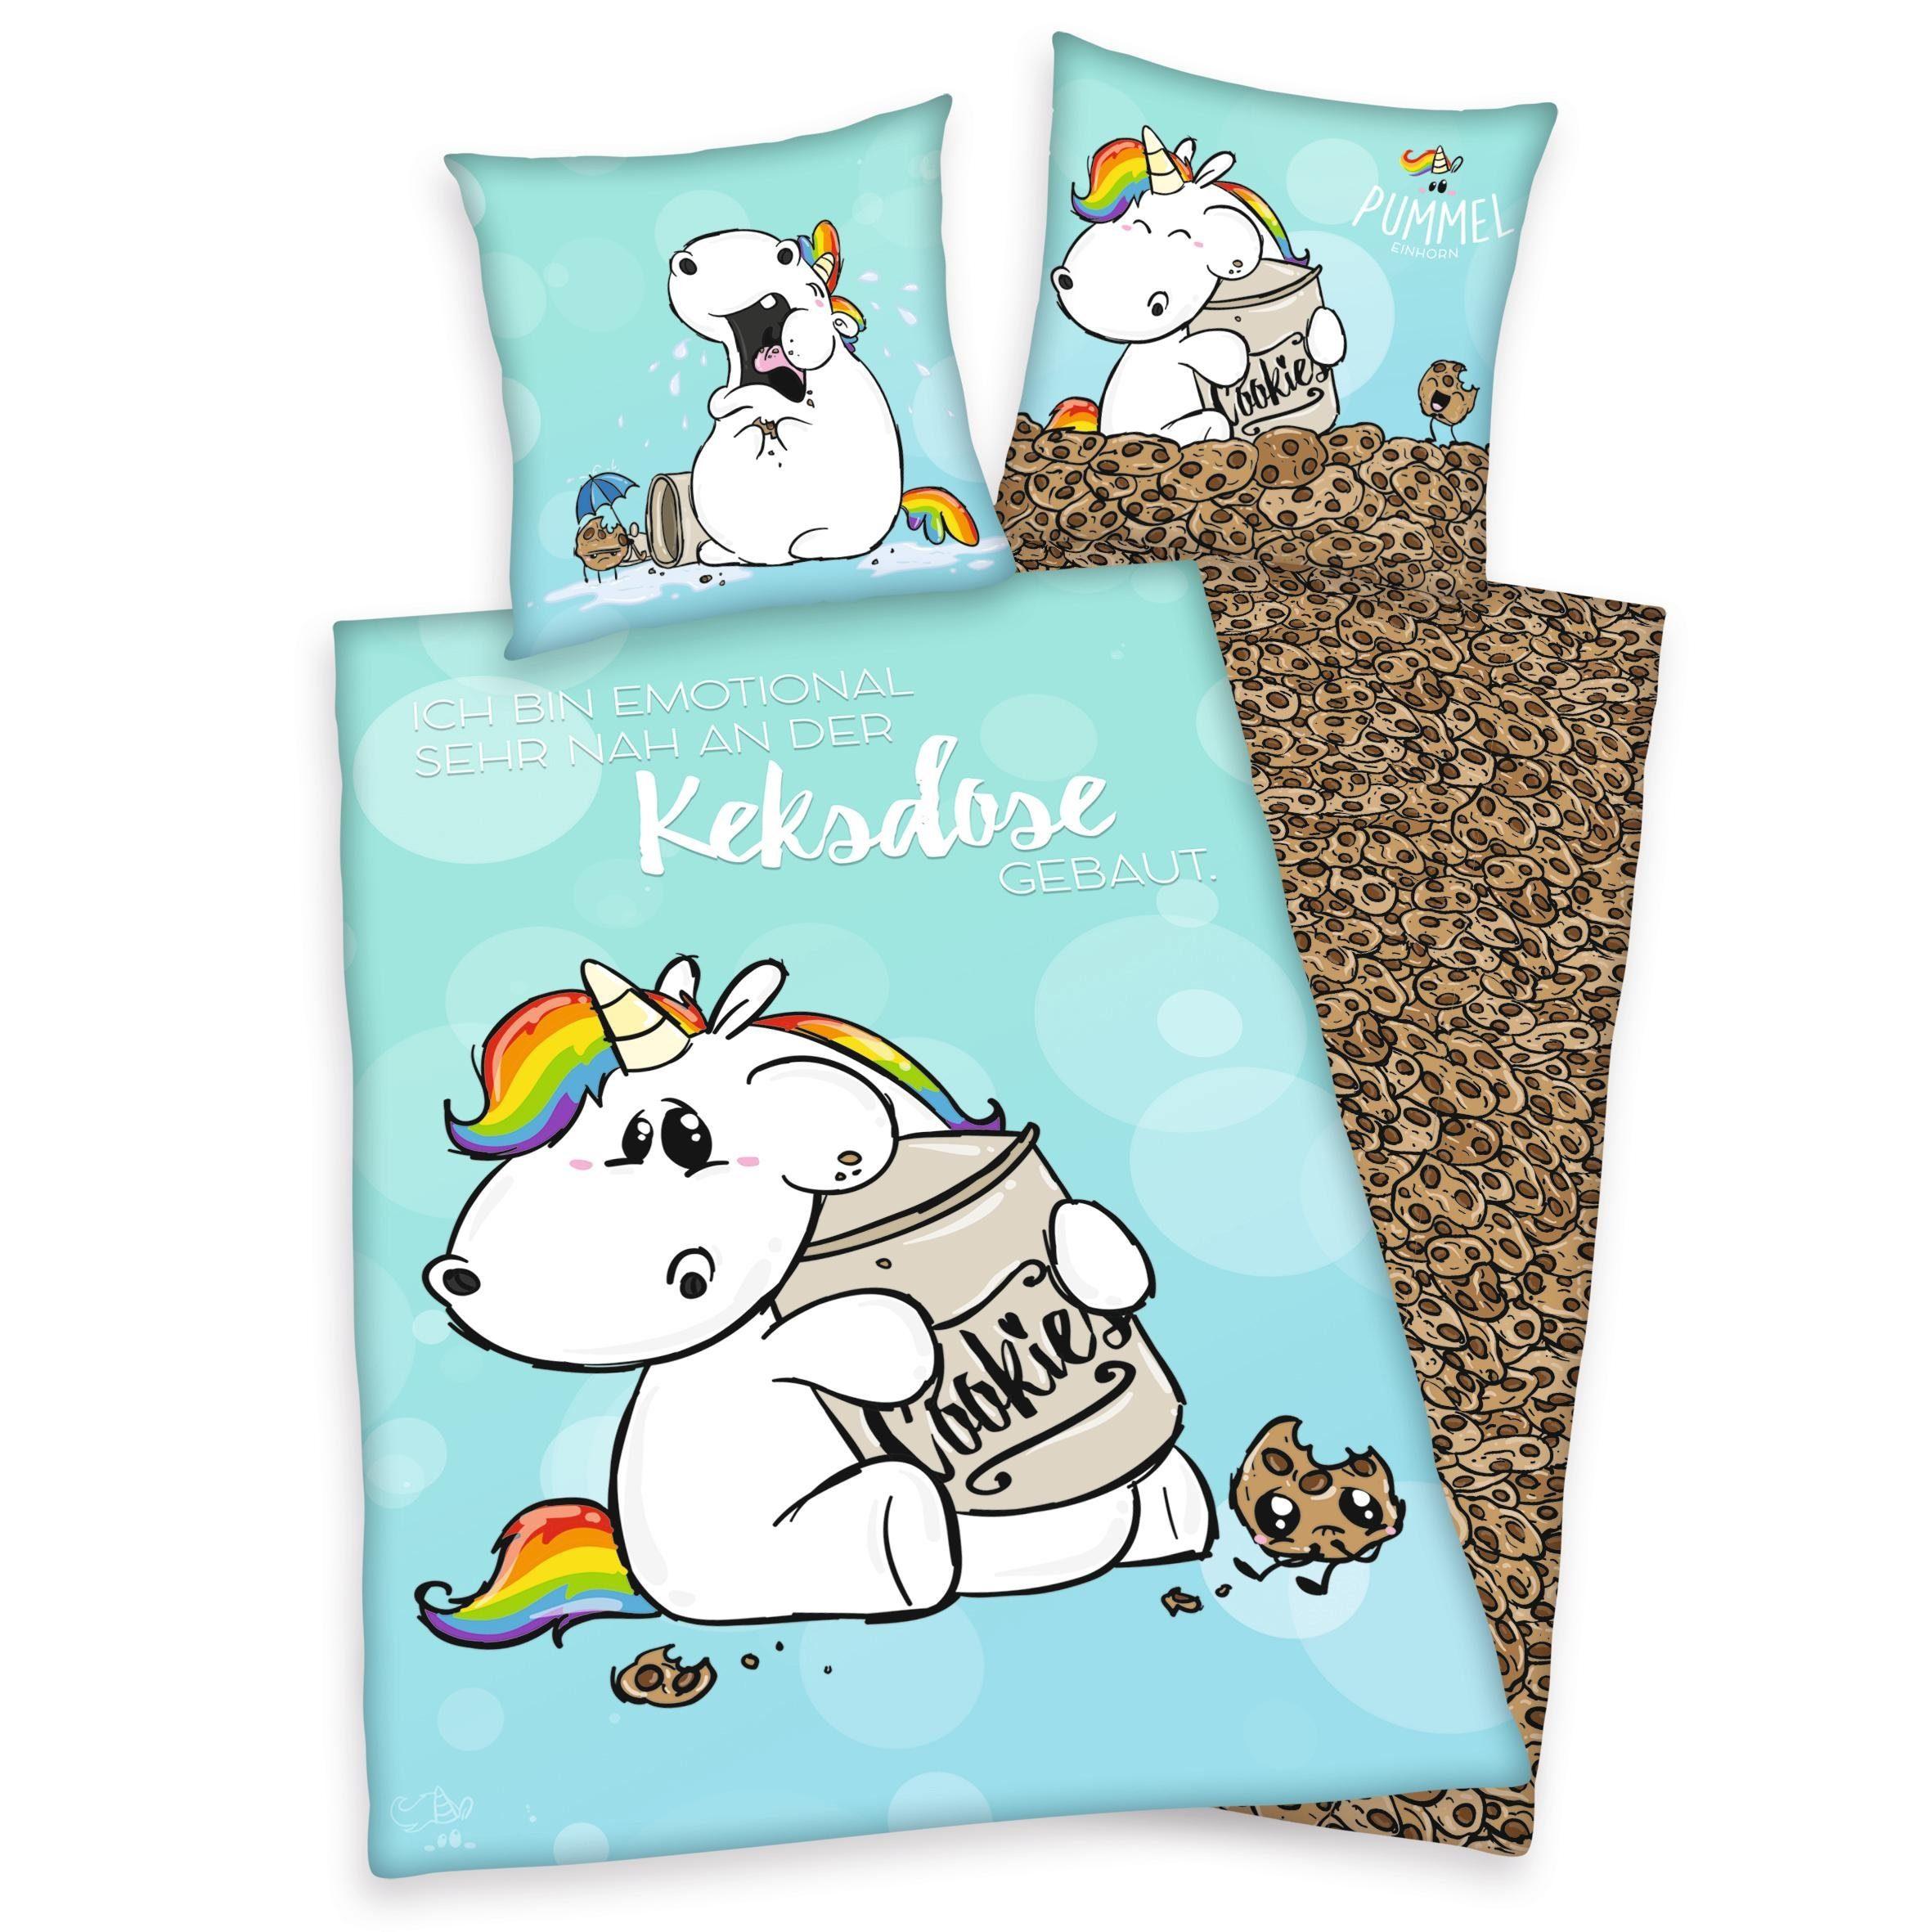 Bettwäsche »Keksdose«, Pummeleinhorn, mit Pummeleinhorn und Keksen